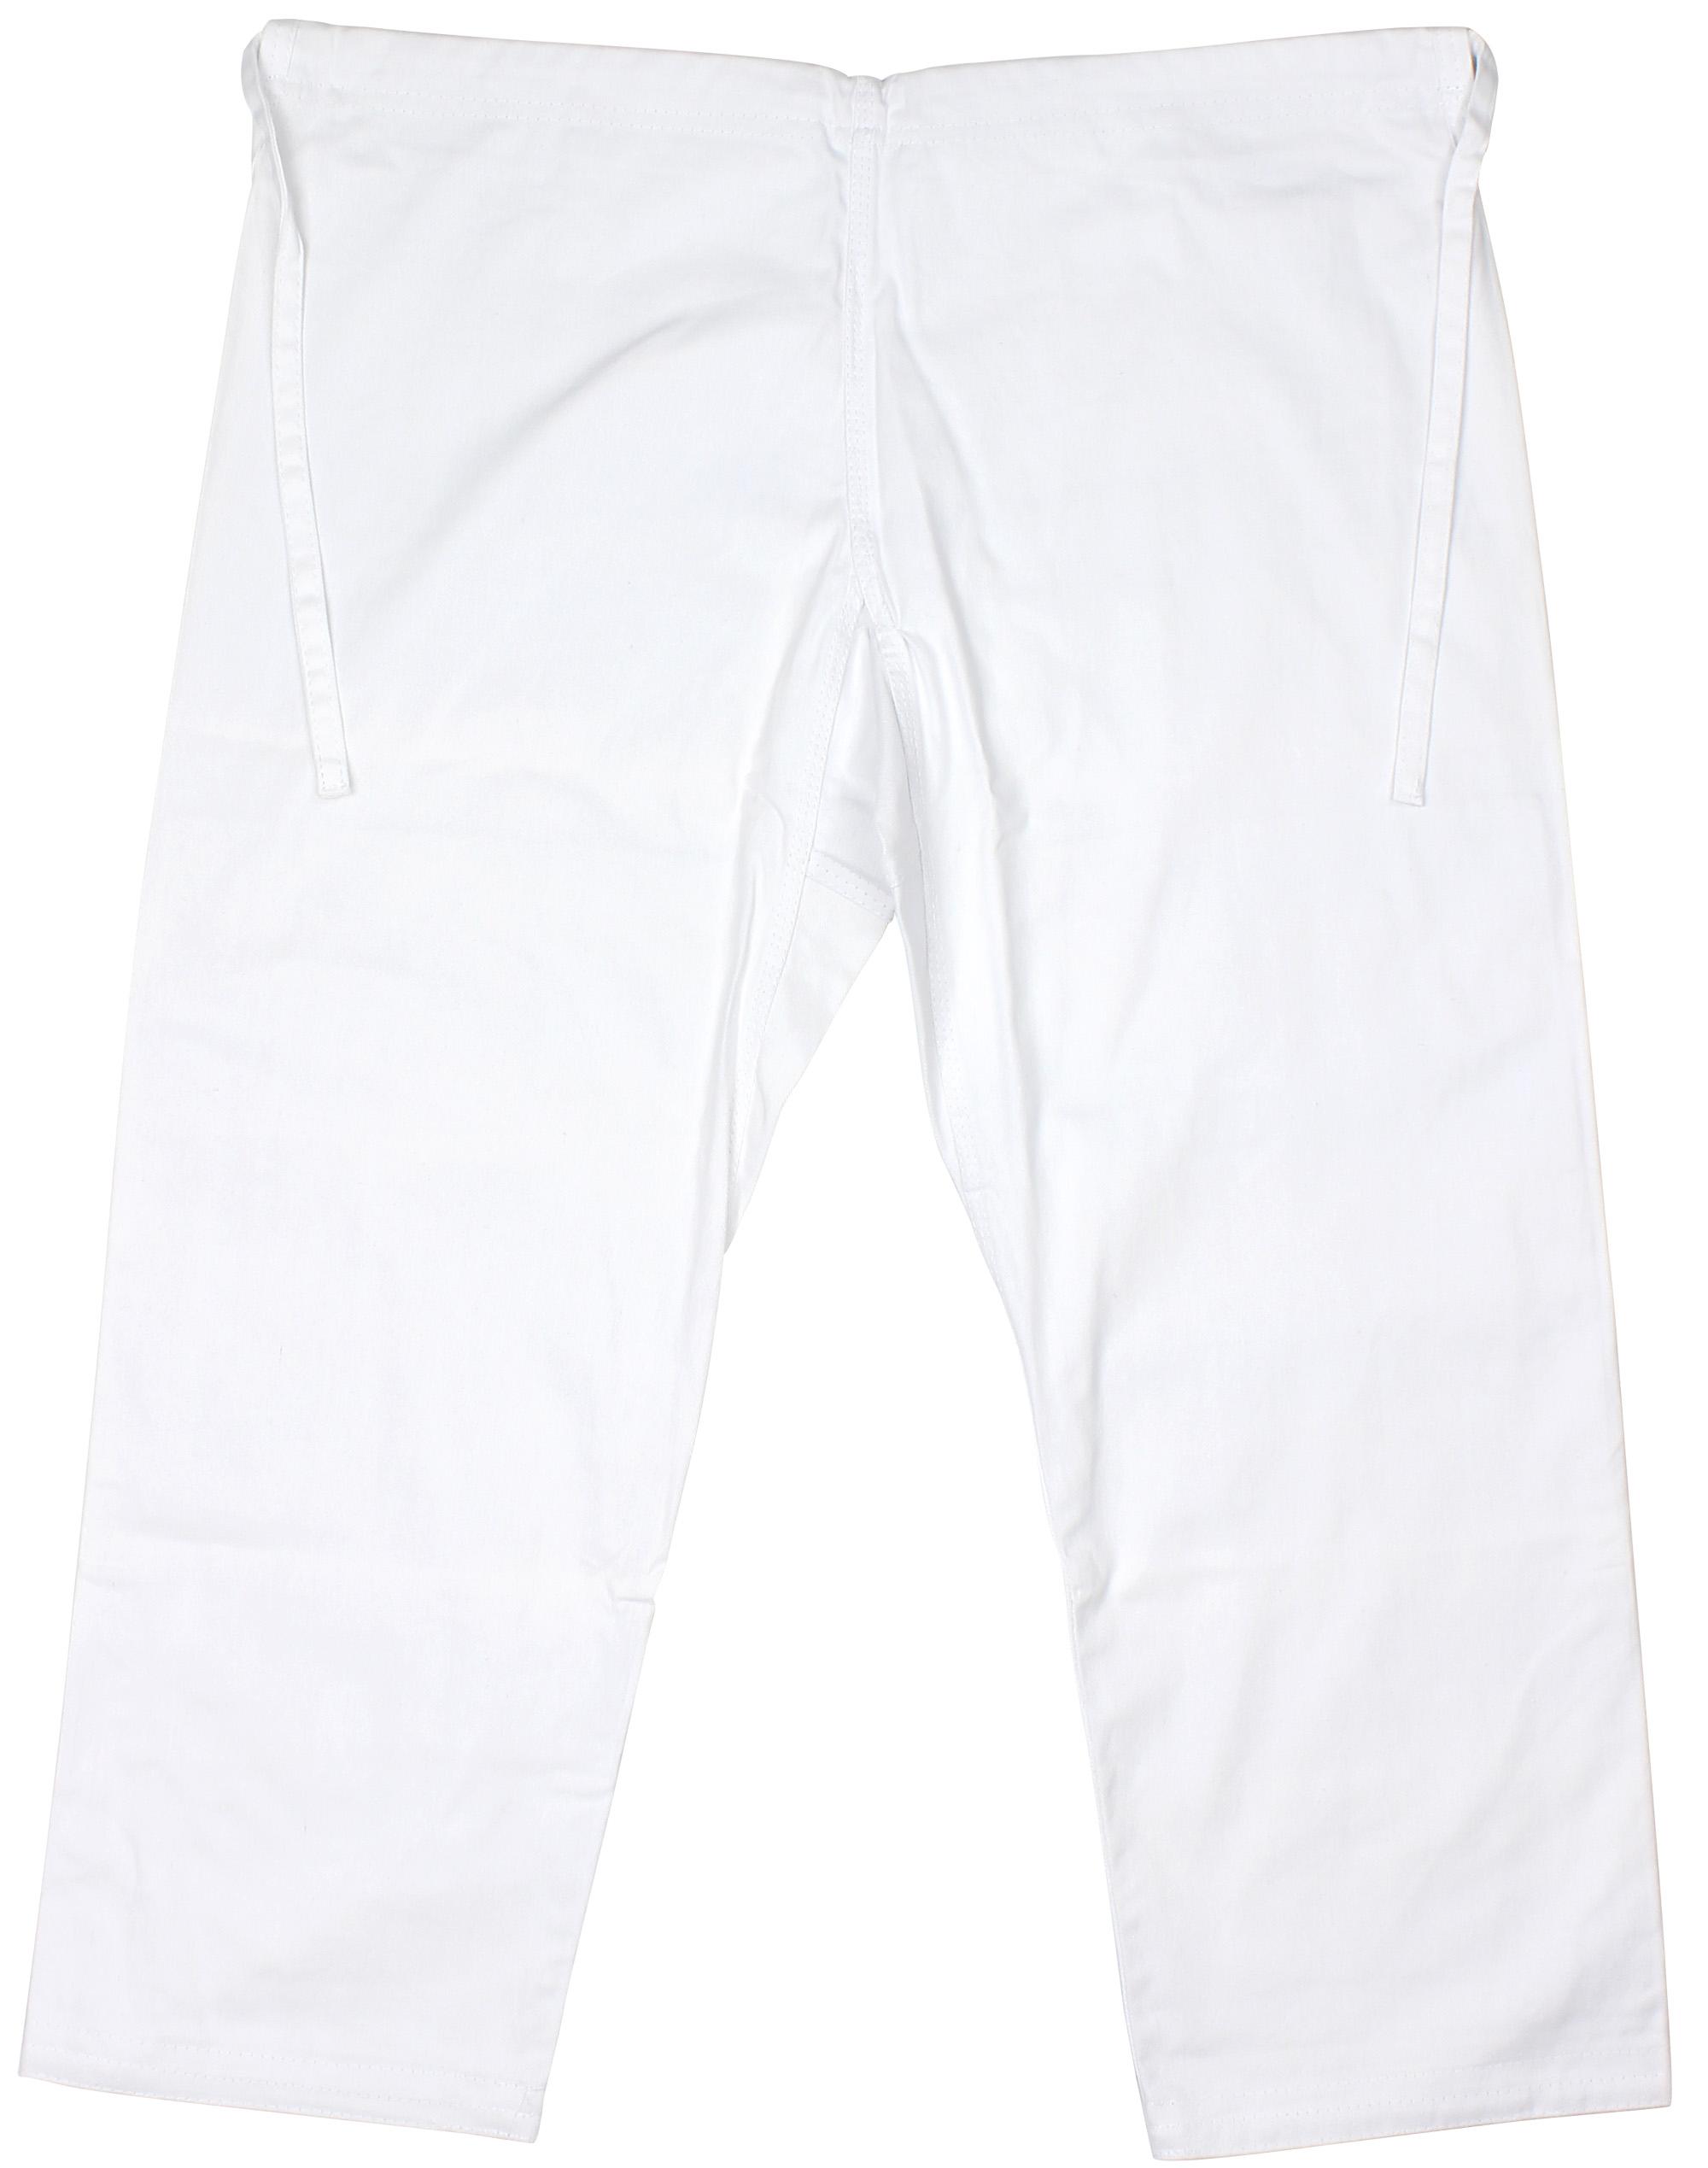 White Bad Boy Mens Standard Jiu Jitsu BJJ Single Weave Gi